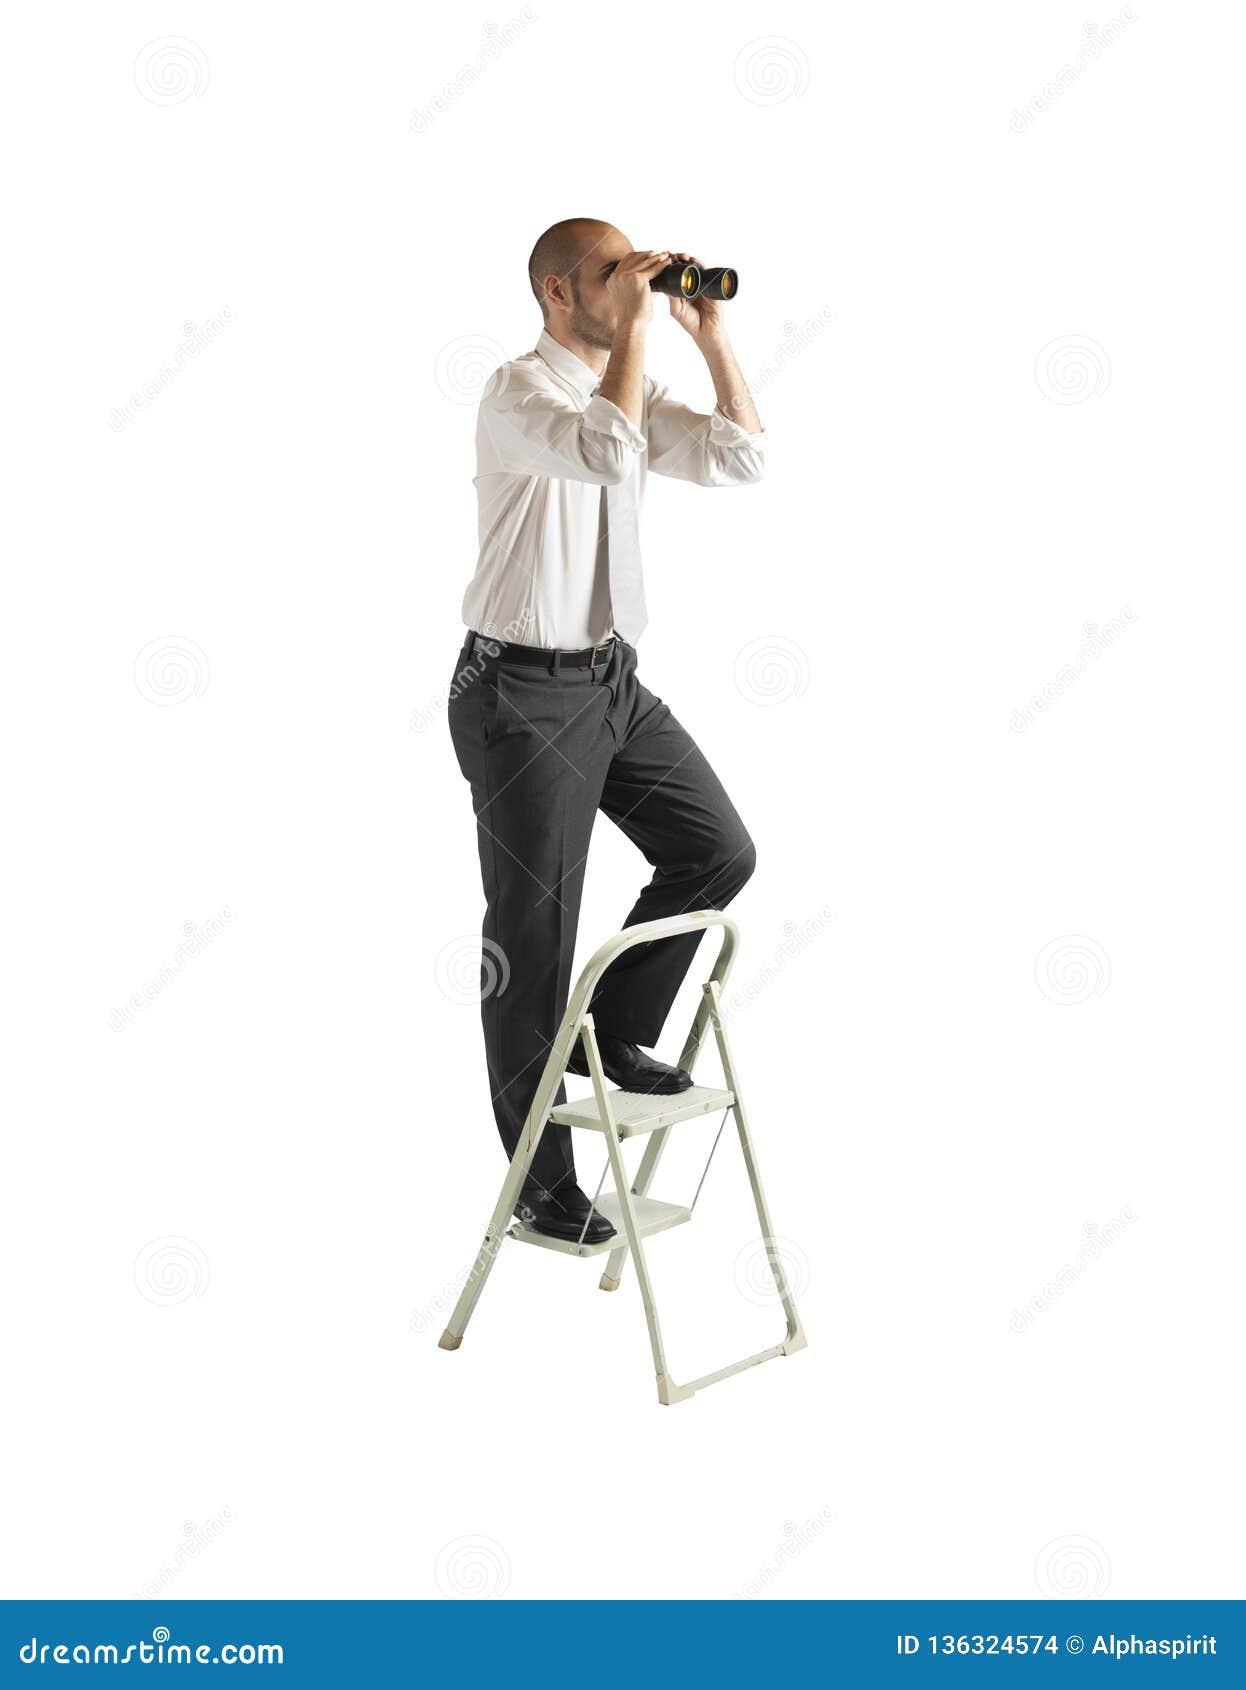 Olhar do homem de negócios distante para oportunidades de negócio novas Isolado no fundo branco